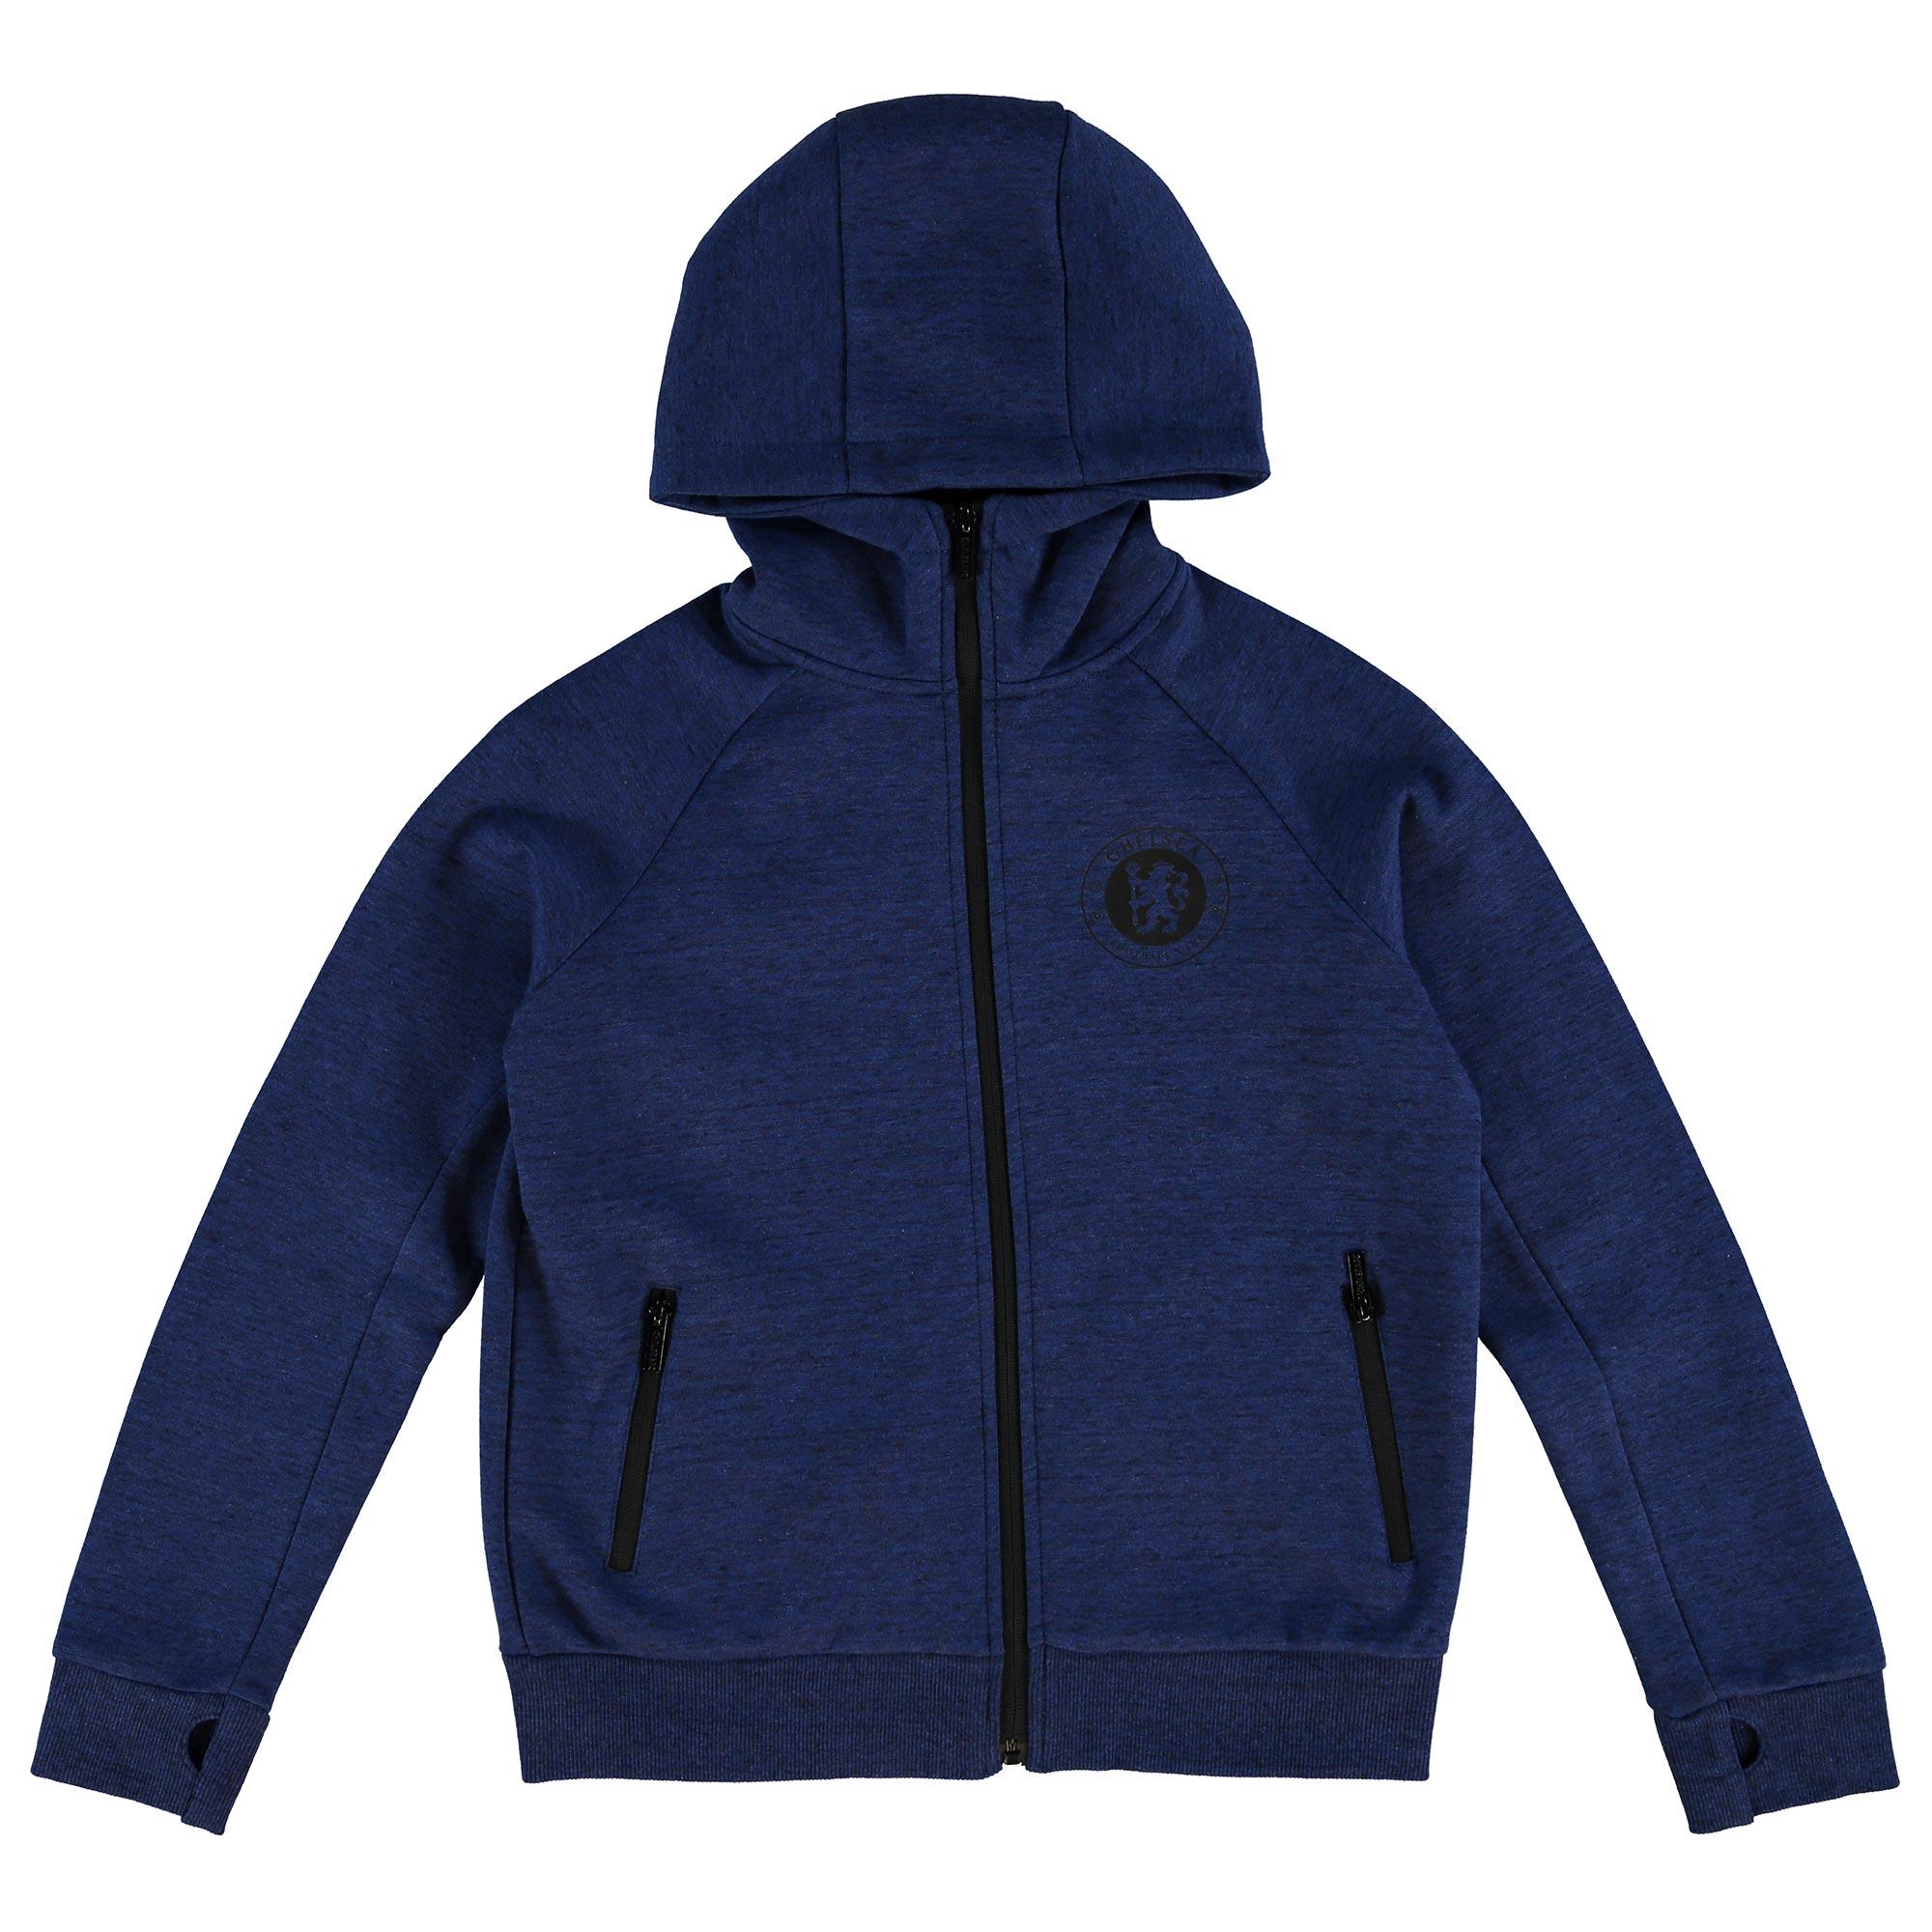 Chelsea Essential Zip Through Hoodie - Royal/Black Marl - Older Boys